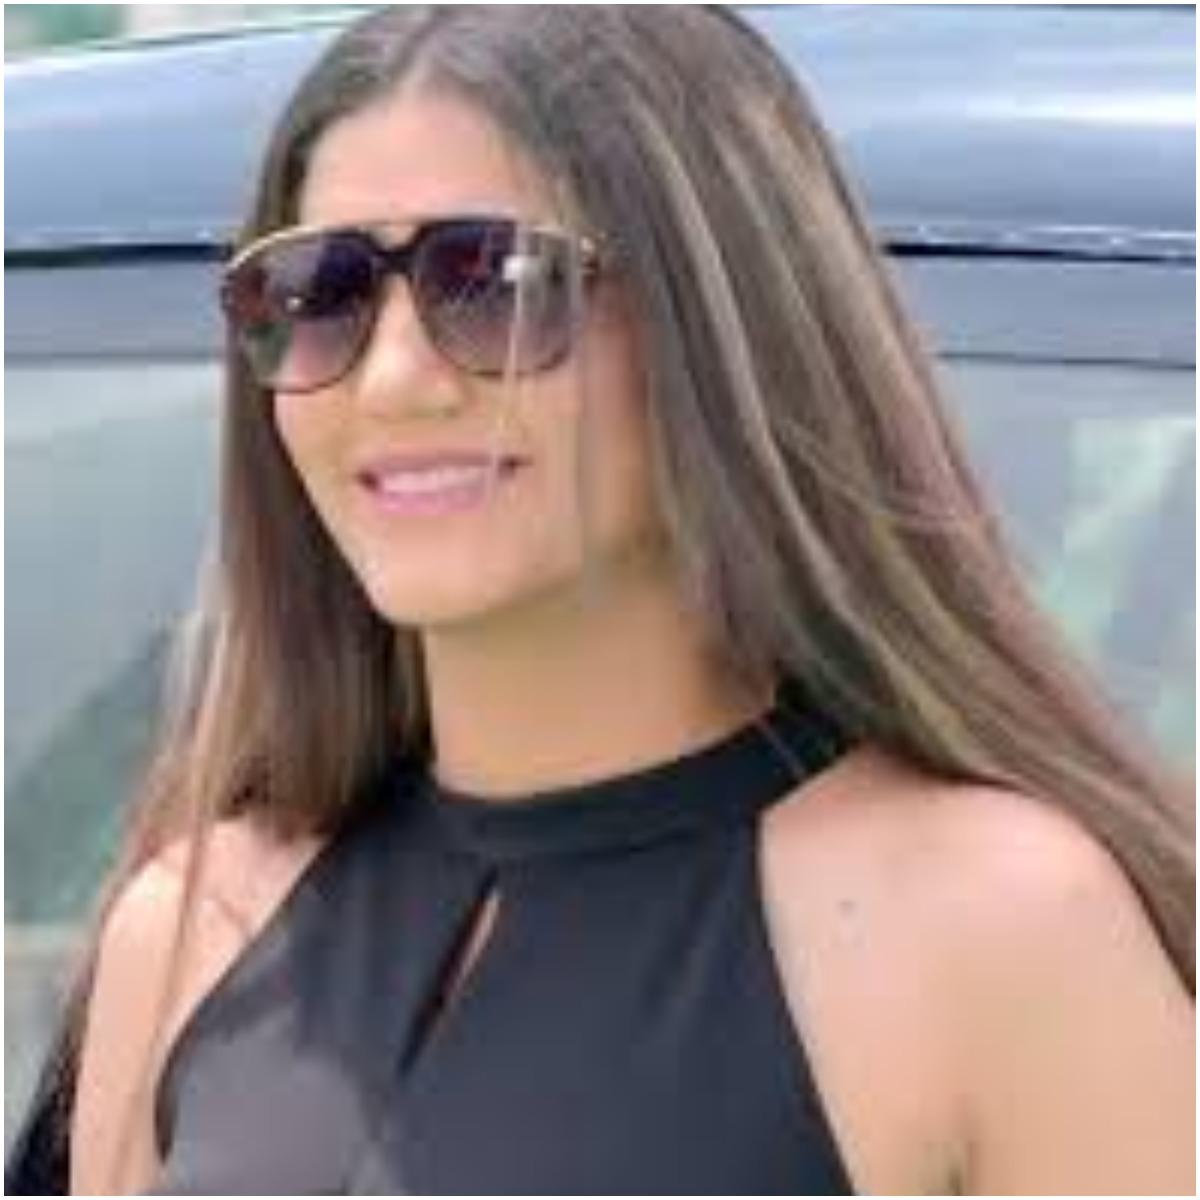 Sapna Choudhary Songs: सपना चौधरी का हरयाणवी गाना 'सासरे में बदली सपना' सोशल मीडिया पर हो रहा है वायरल